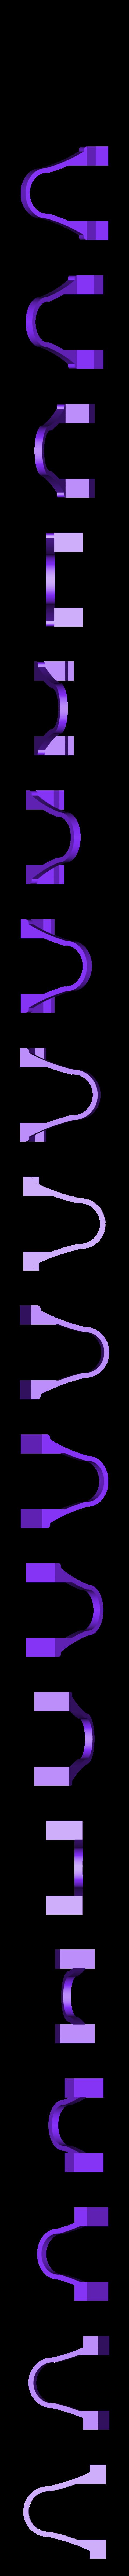 Hooks.stl Télécharger fichier STL gratuit Crochets • Plan à imprimer en 3D, Balkhagal4D